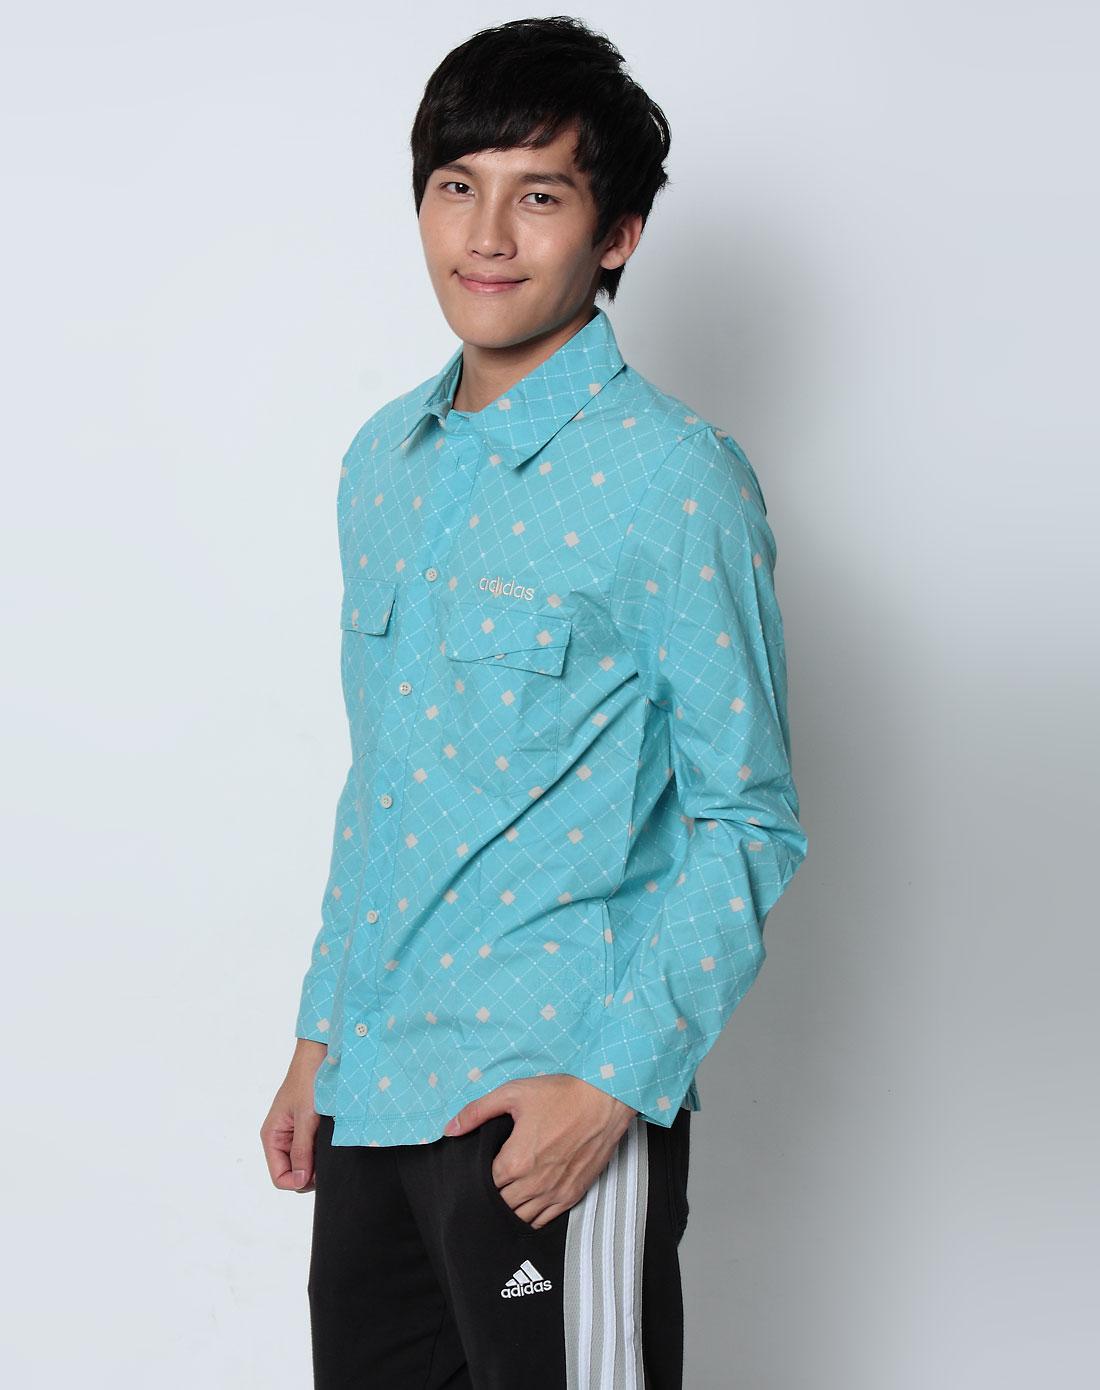 男款青色长袖衬衫